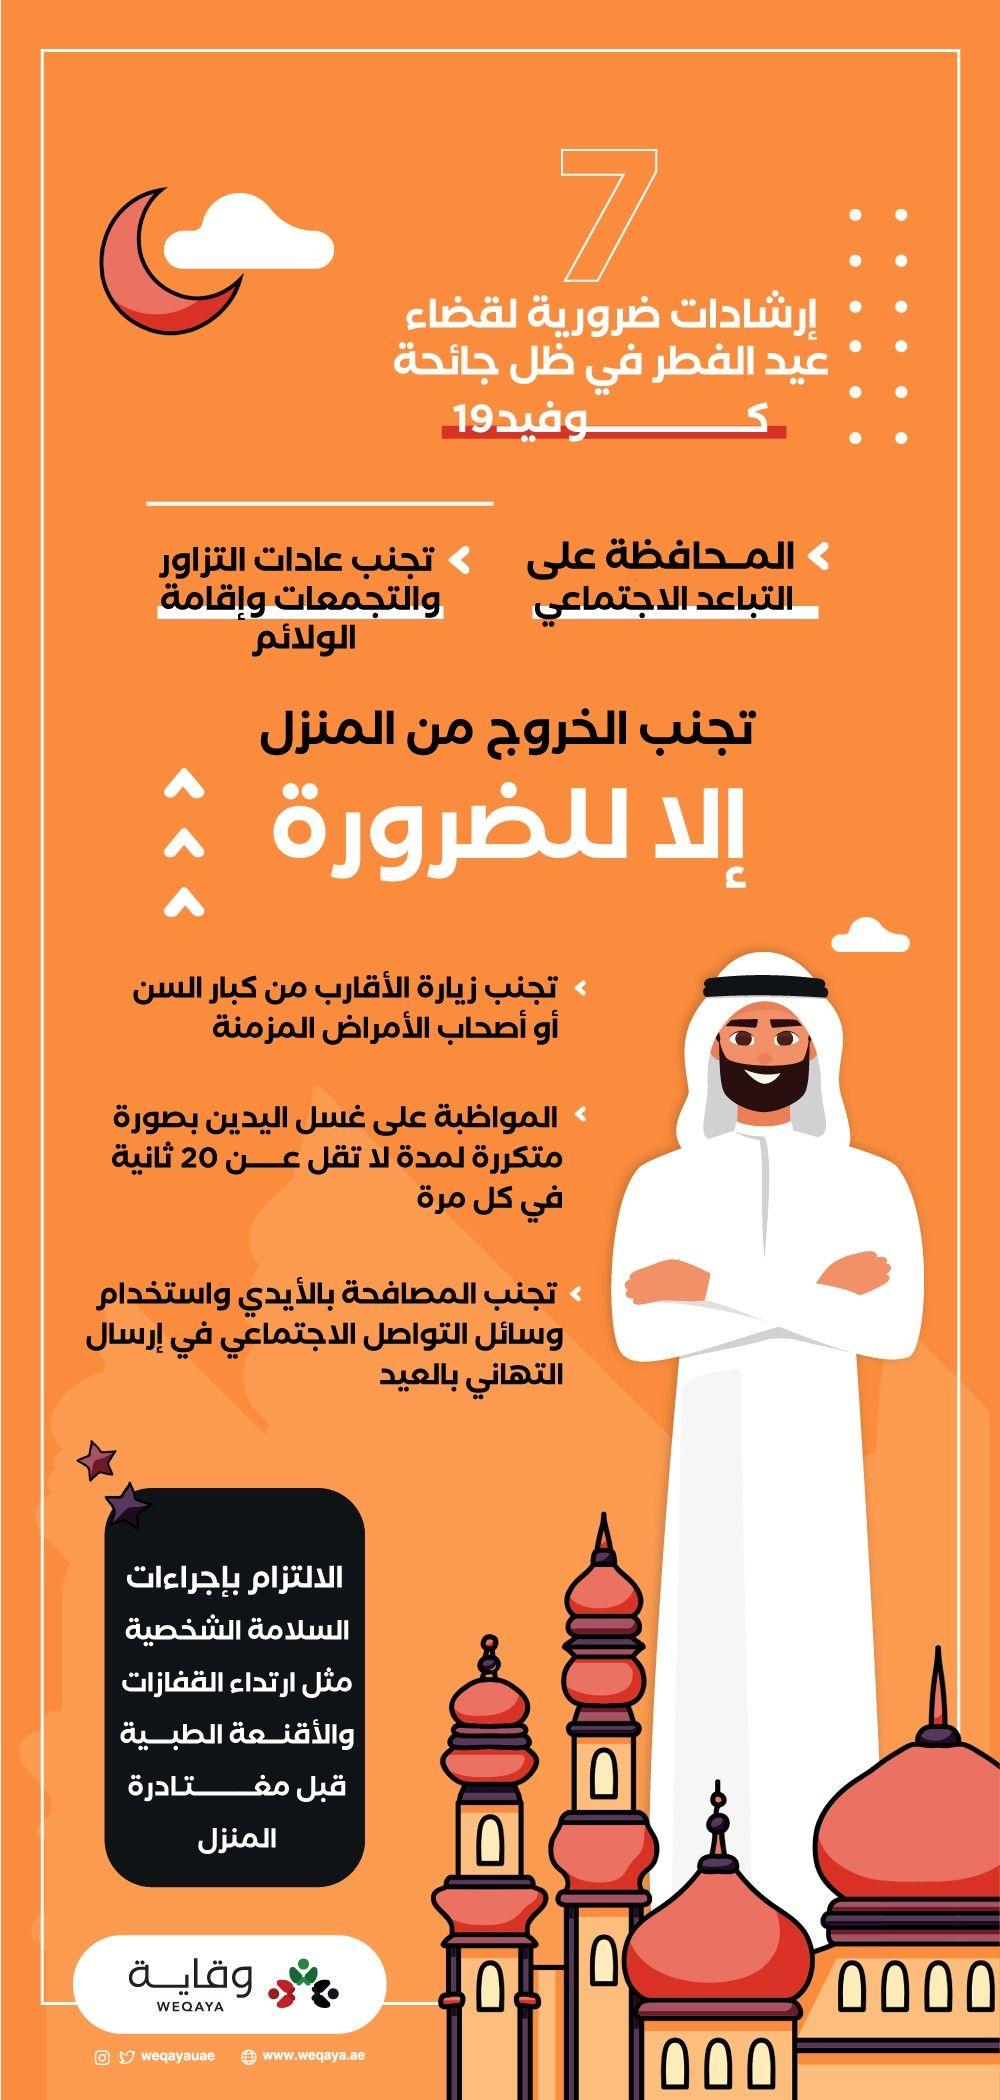 إرشادات ضرورية لقضاء عيد الفطر في ظل جائحة كوفيد 19 Shopping